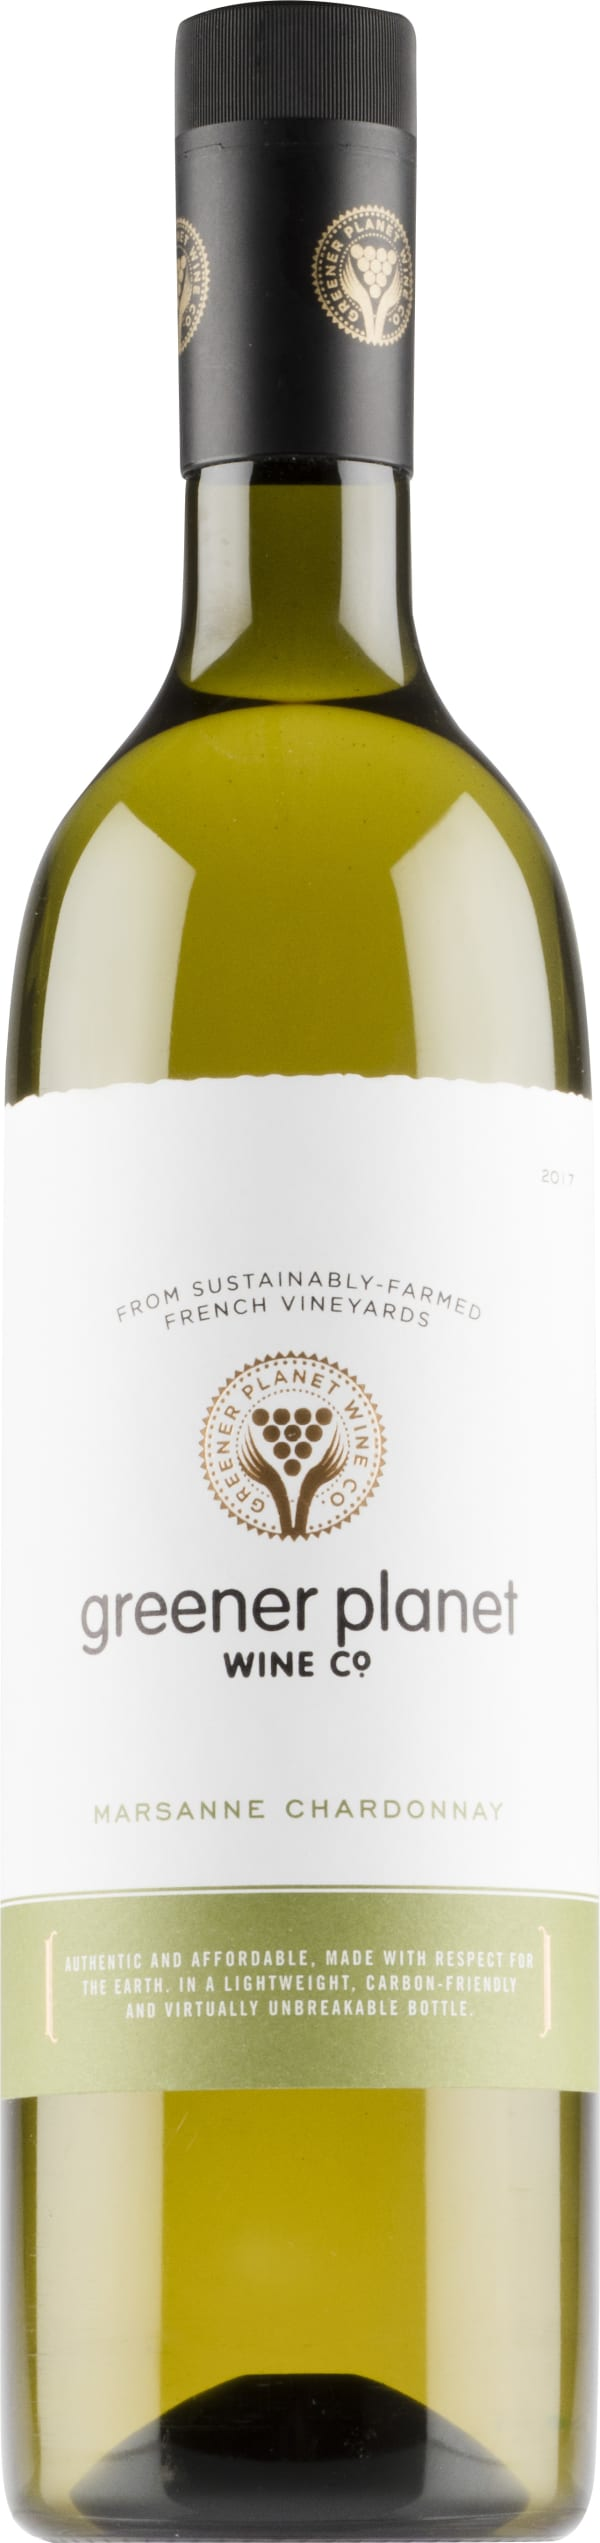 Greener Planet Marsanne Chardonnay 2016 plastic bottle